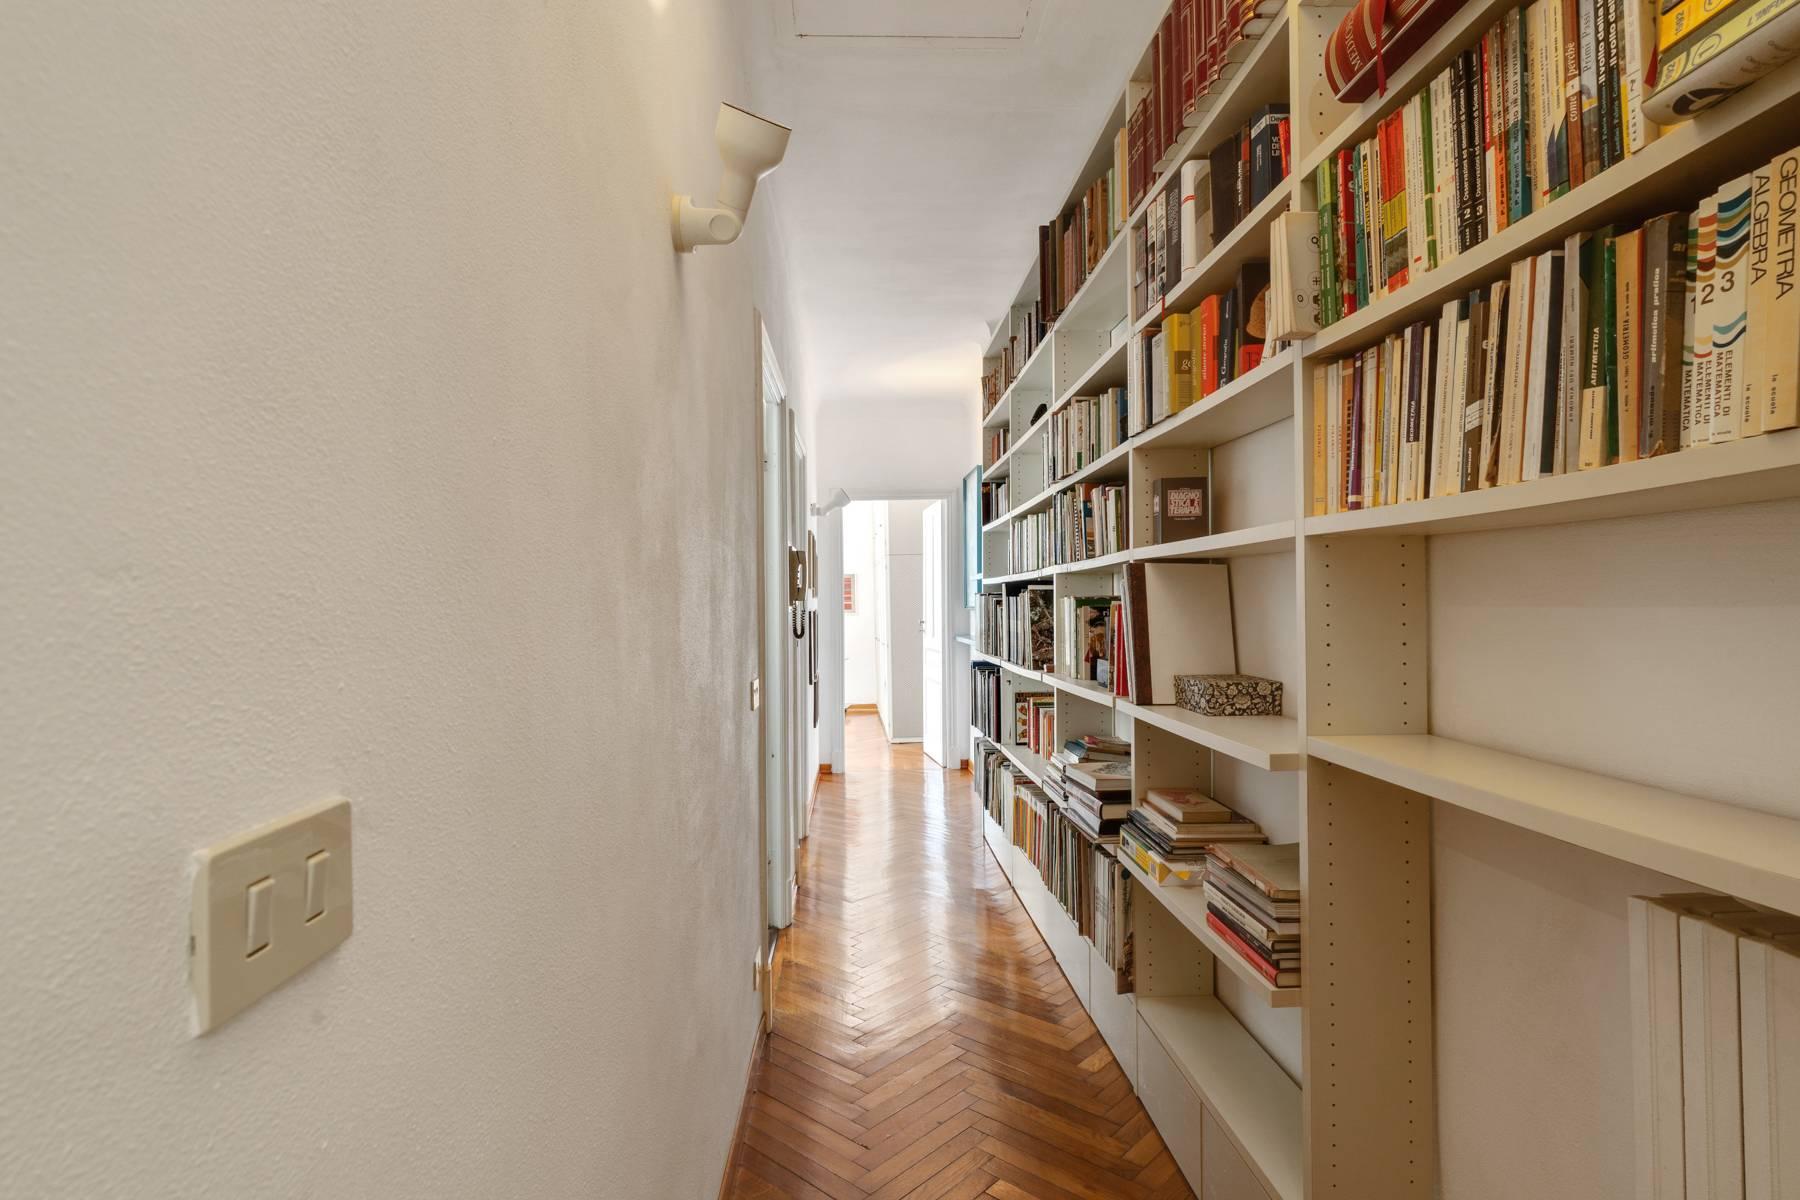 Casa indipendente in Vendita a Alassio: 5 locali, 230 mq - Foto 15